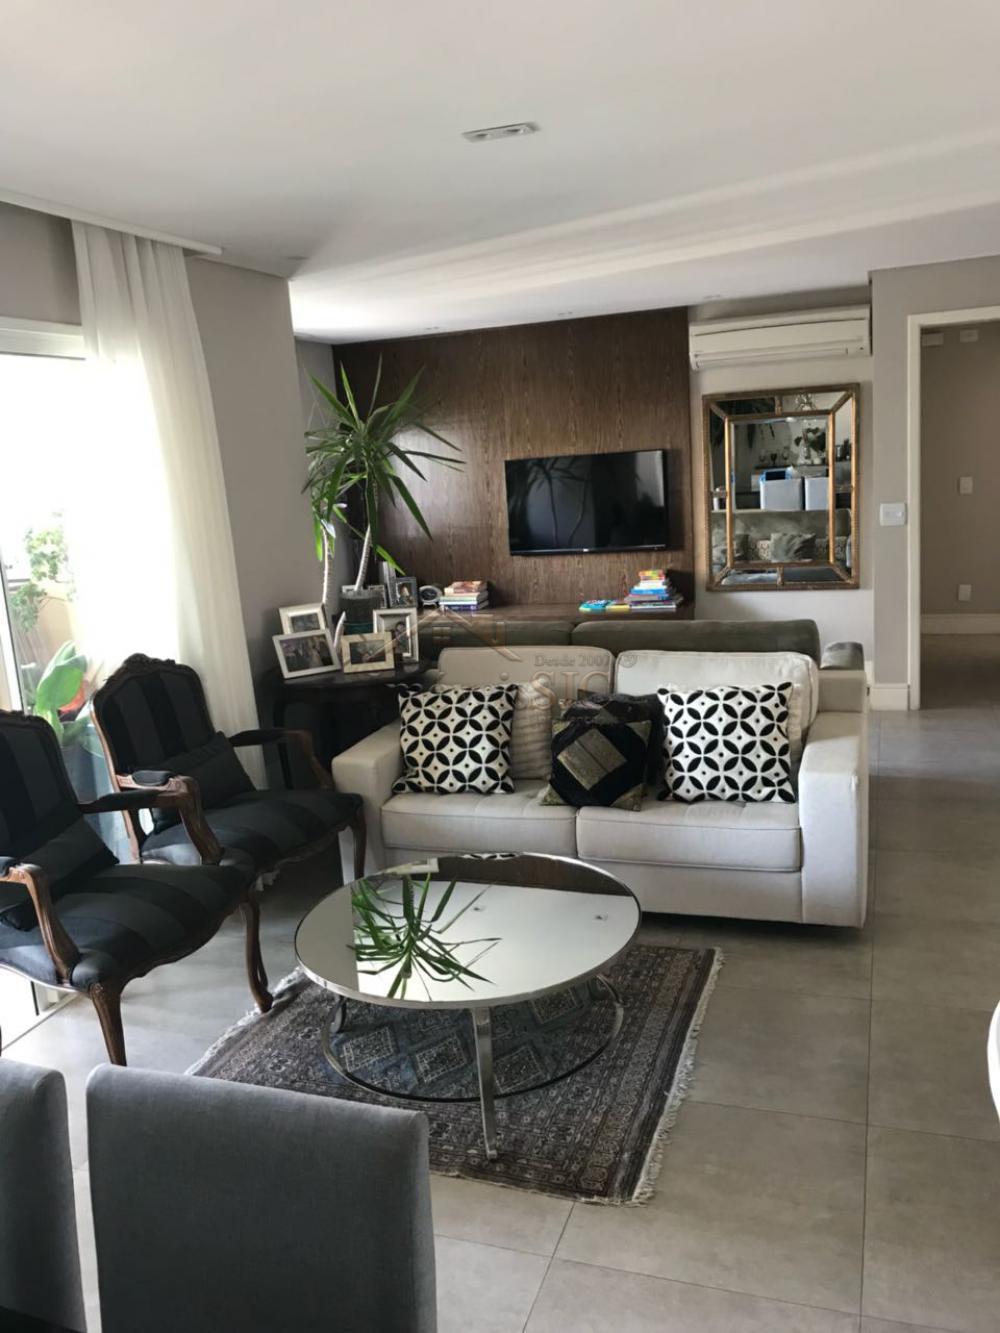 Comprar Apartamentos / Padrão em São José dos Campos apenas R$ 790.000,00 - Foto 1